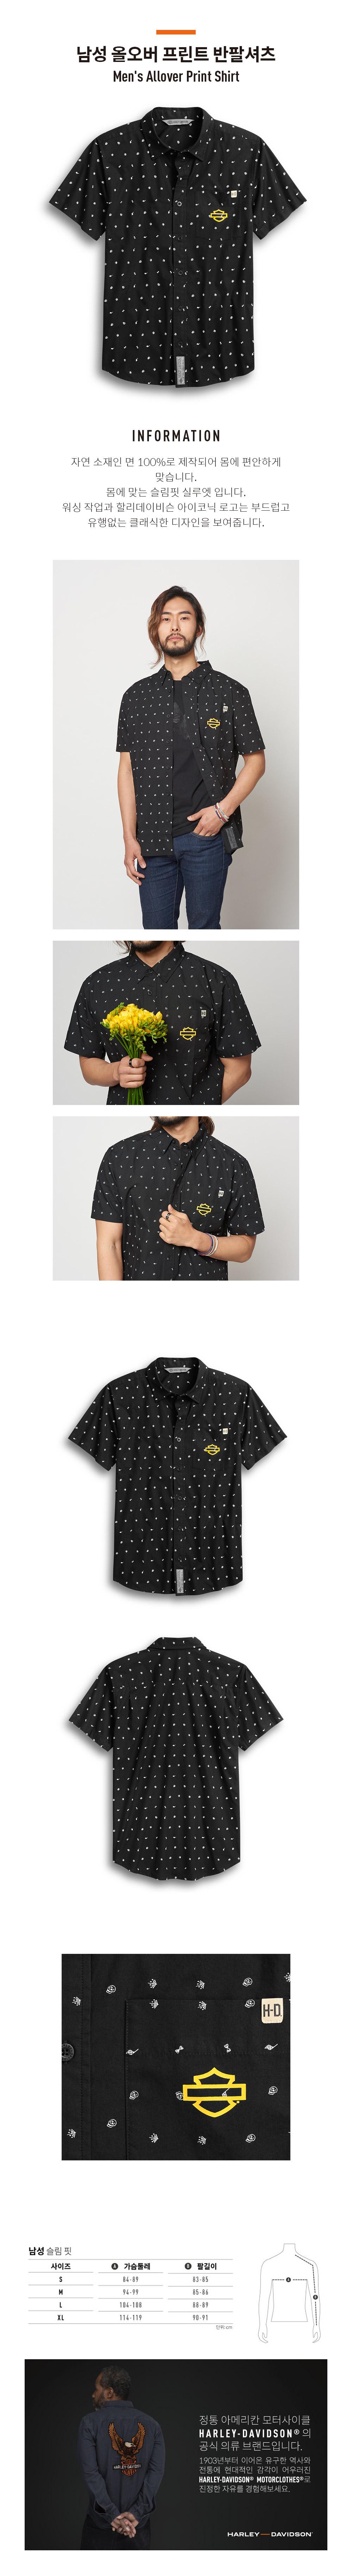 남성 올오버 프린트 반팔셔츠